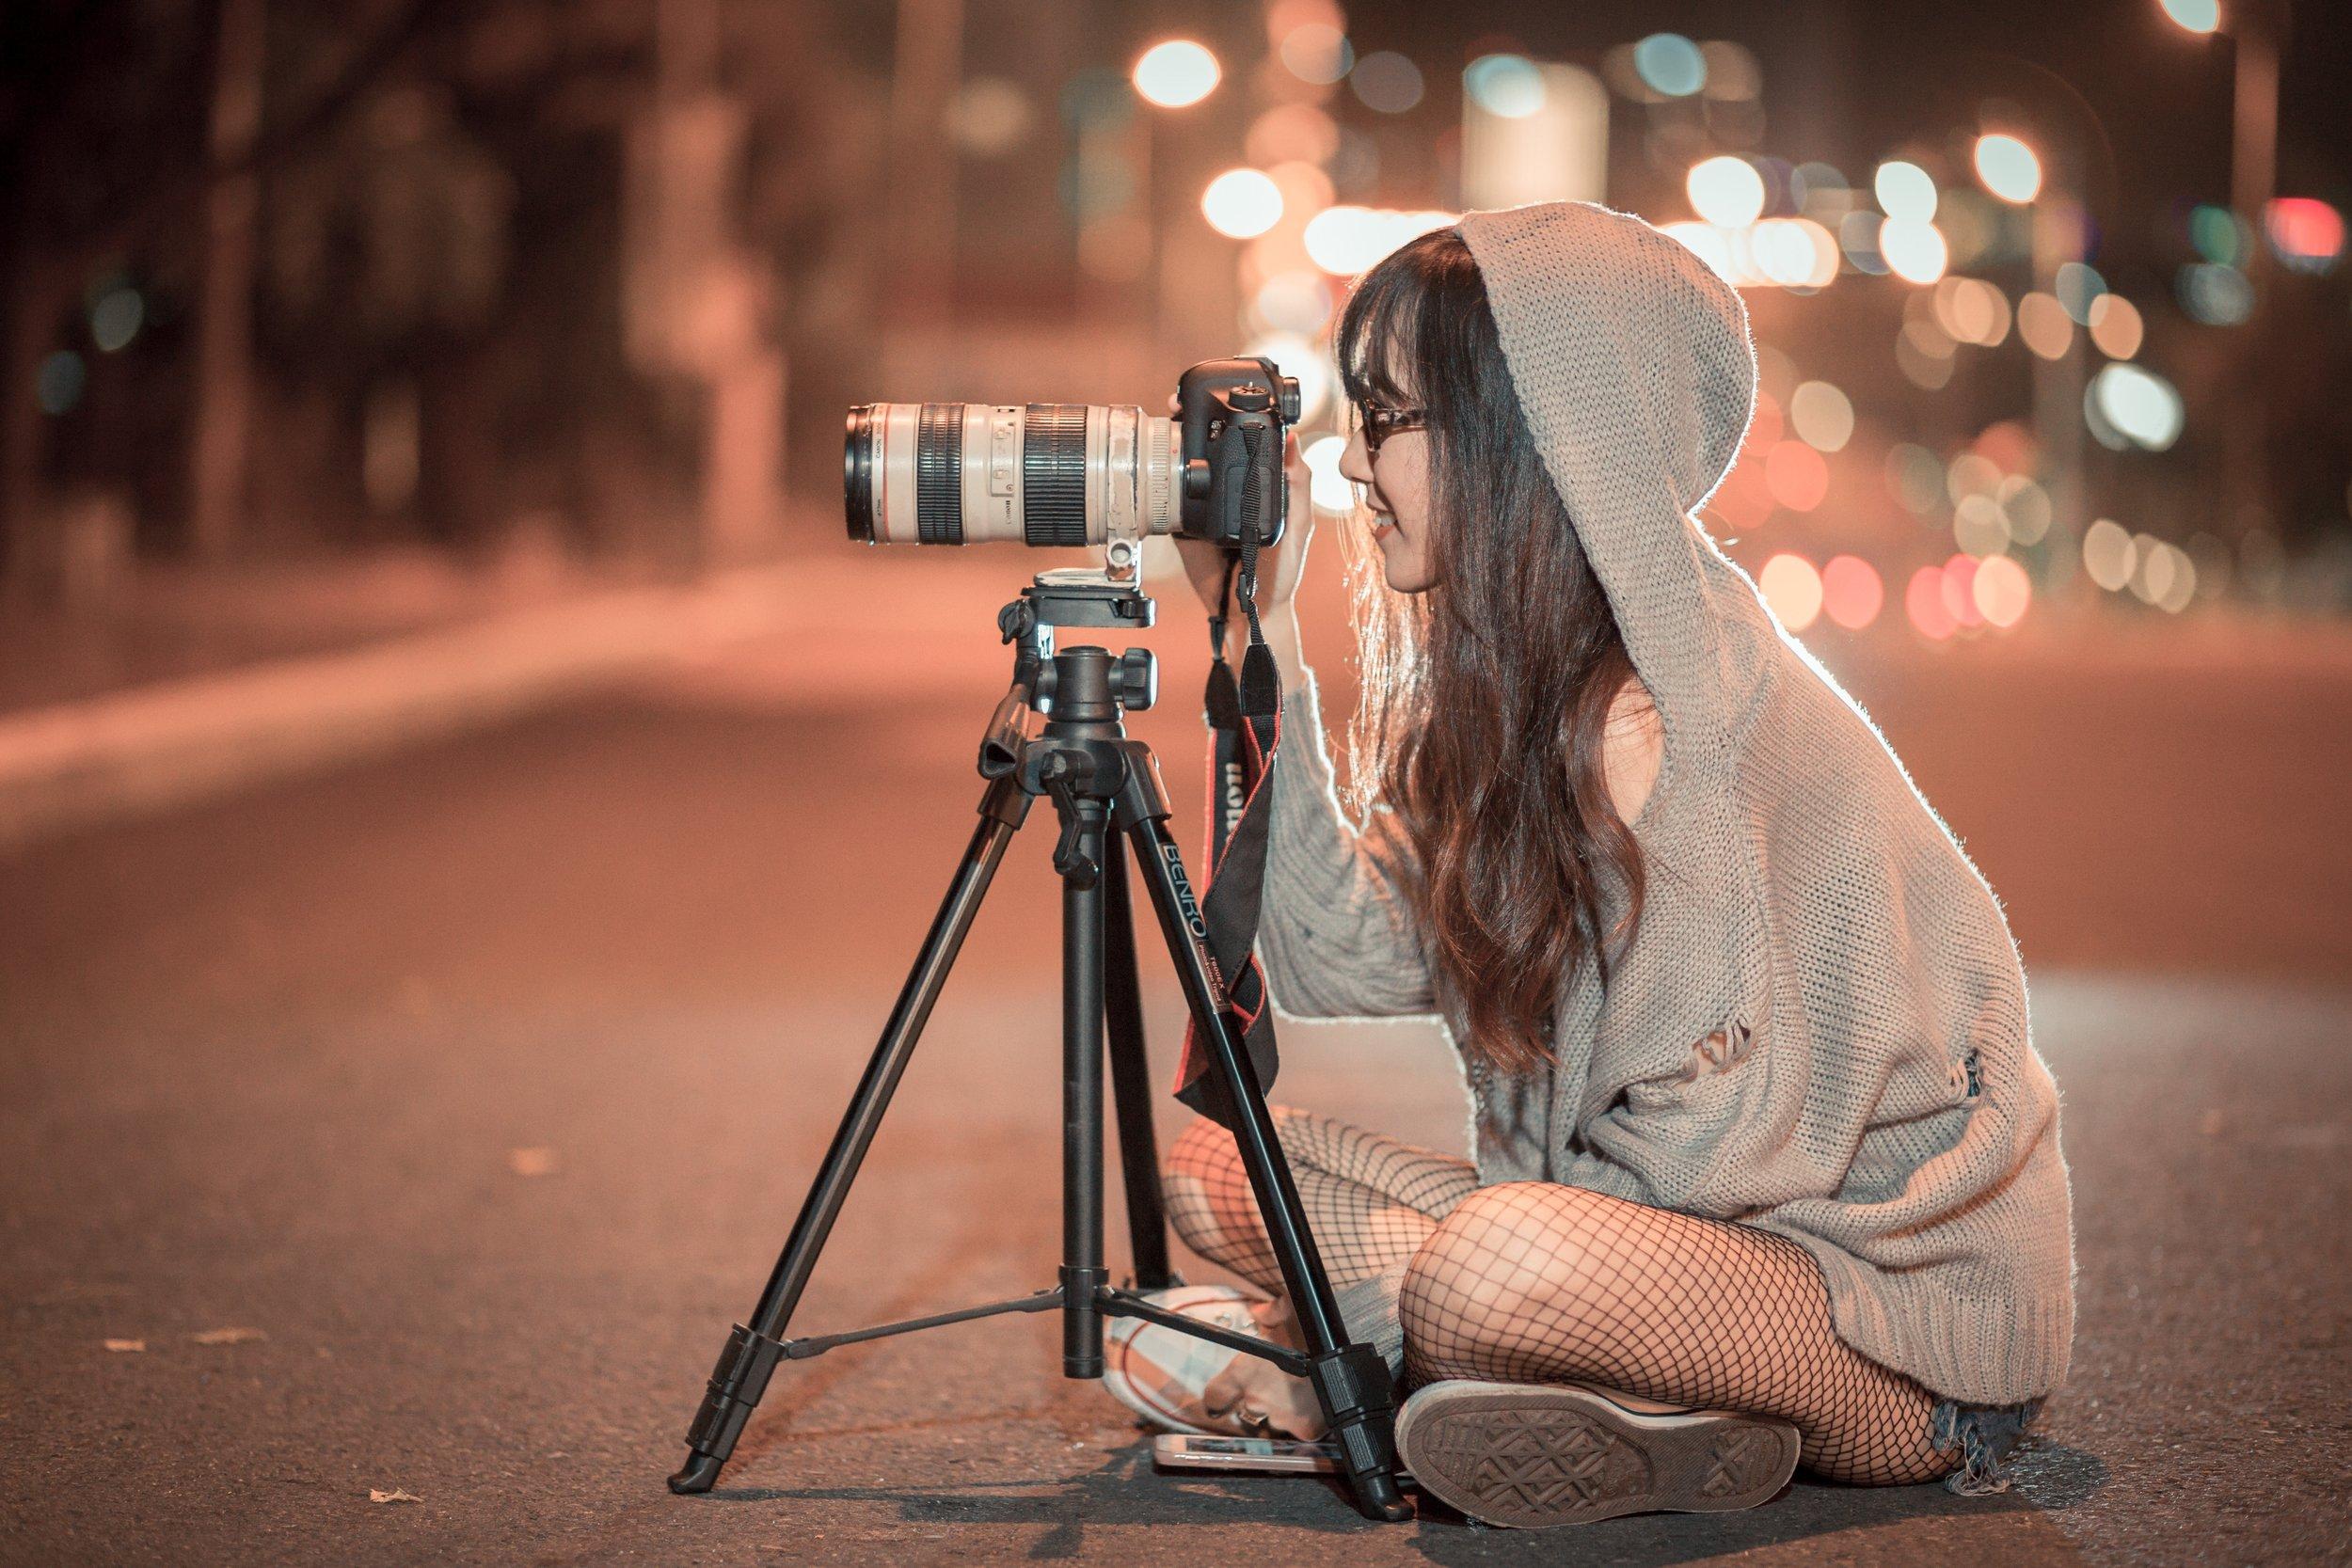 adult-aperture-bokeh-289796.jpg